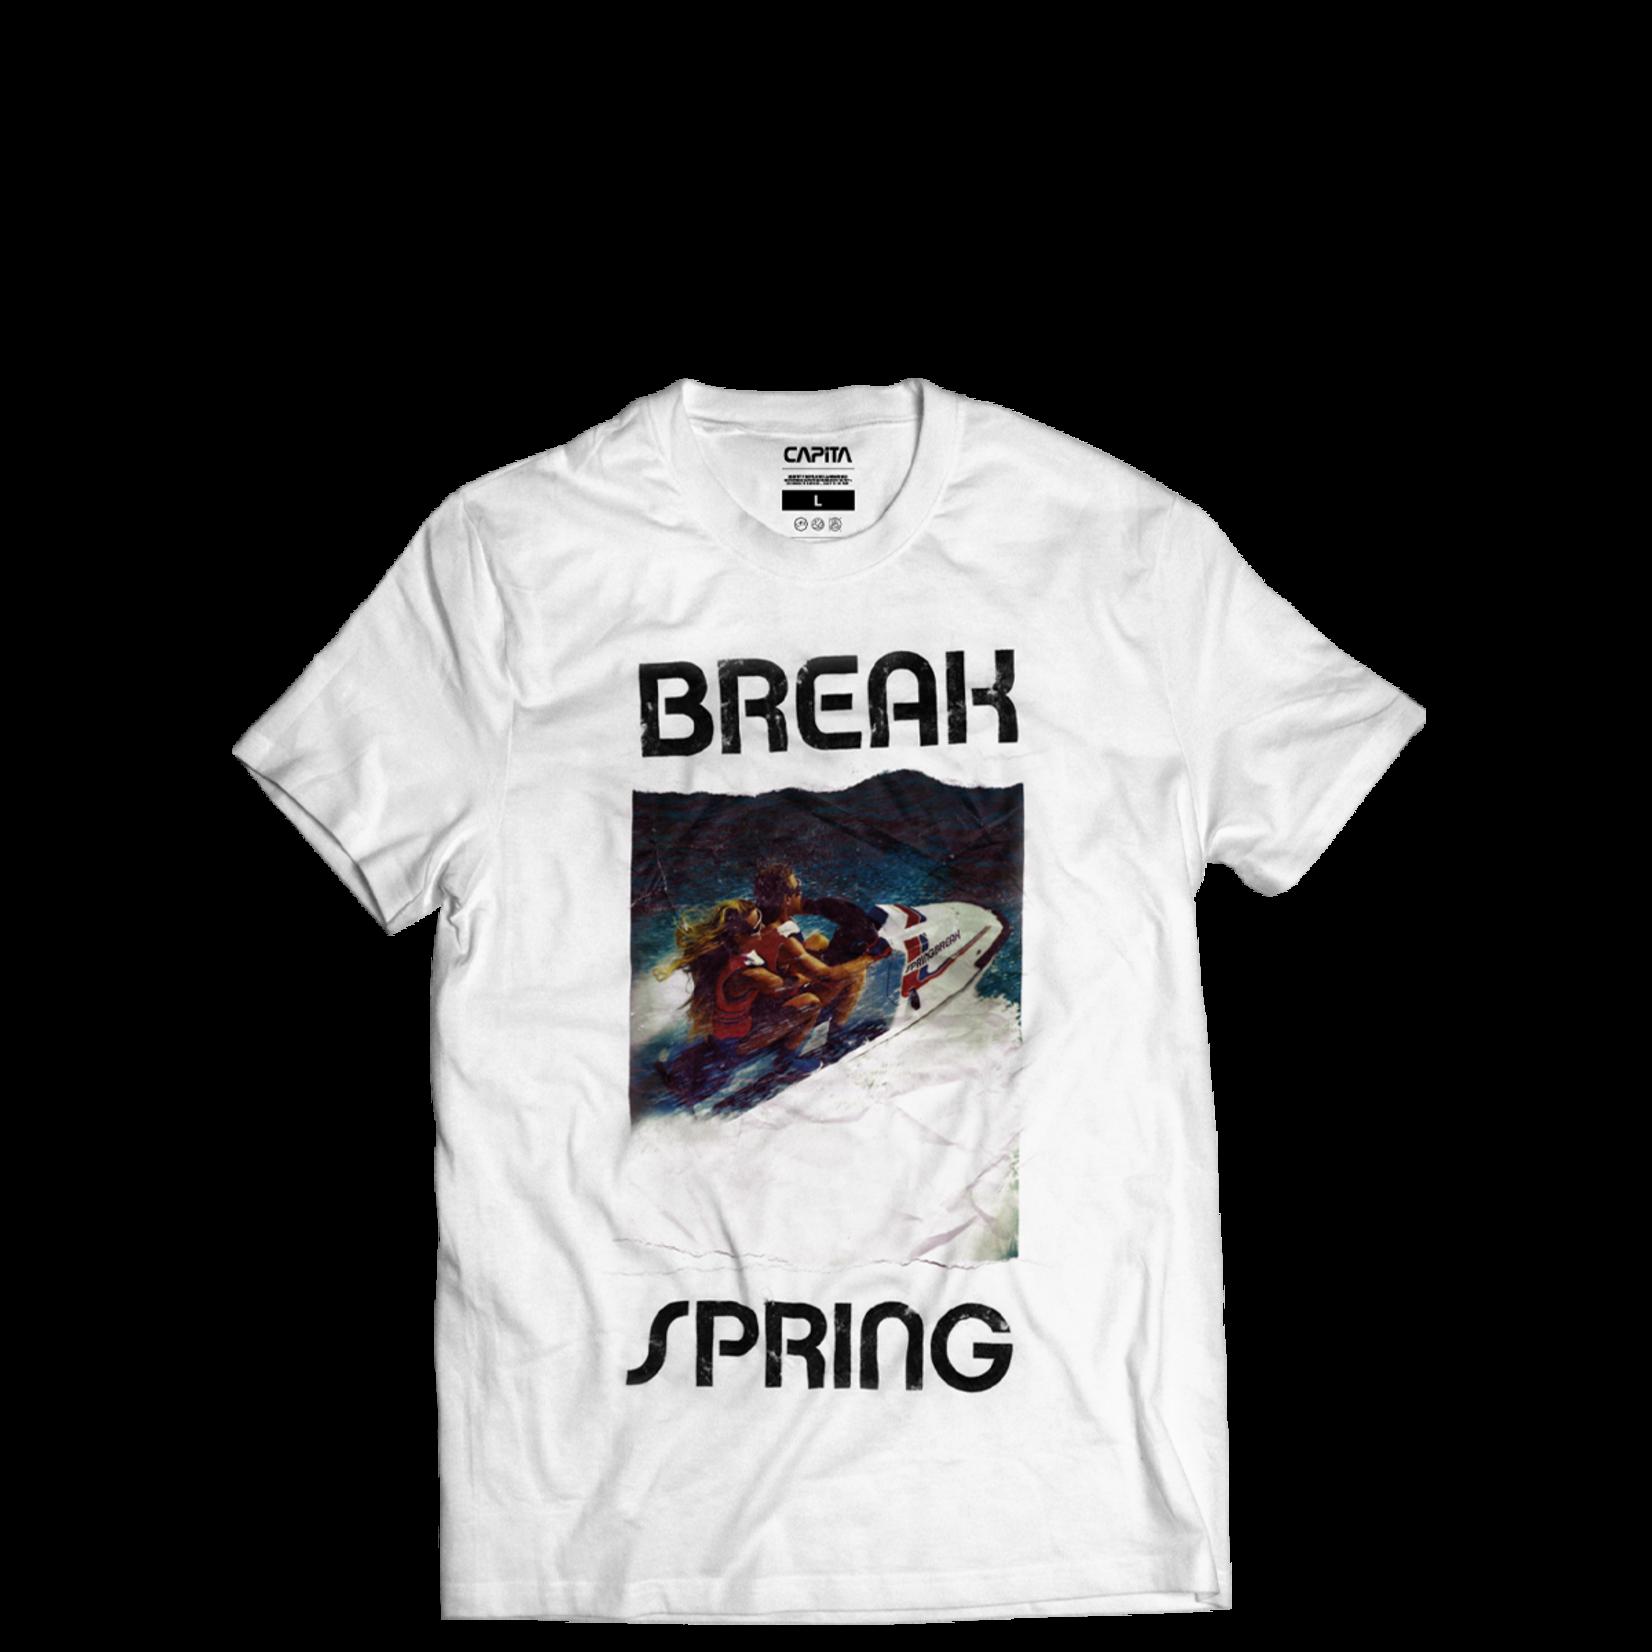 Capita Spring Break Twin Tee